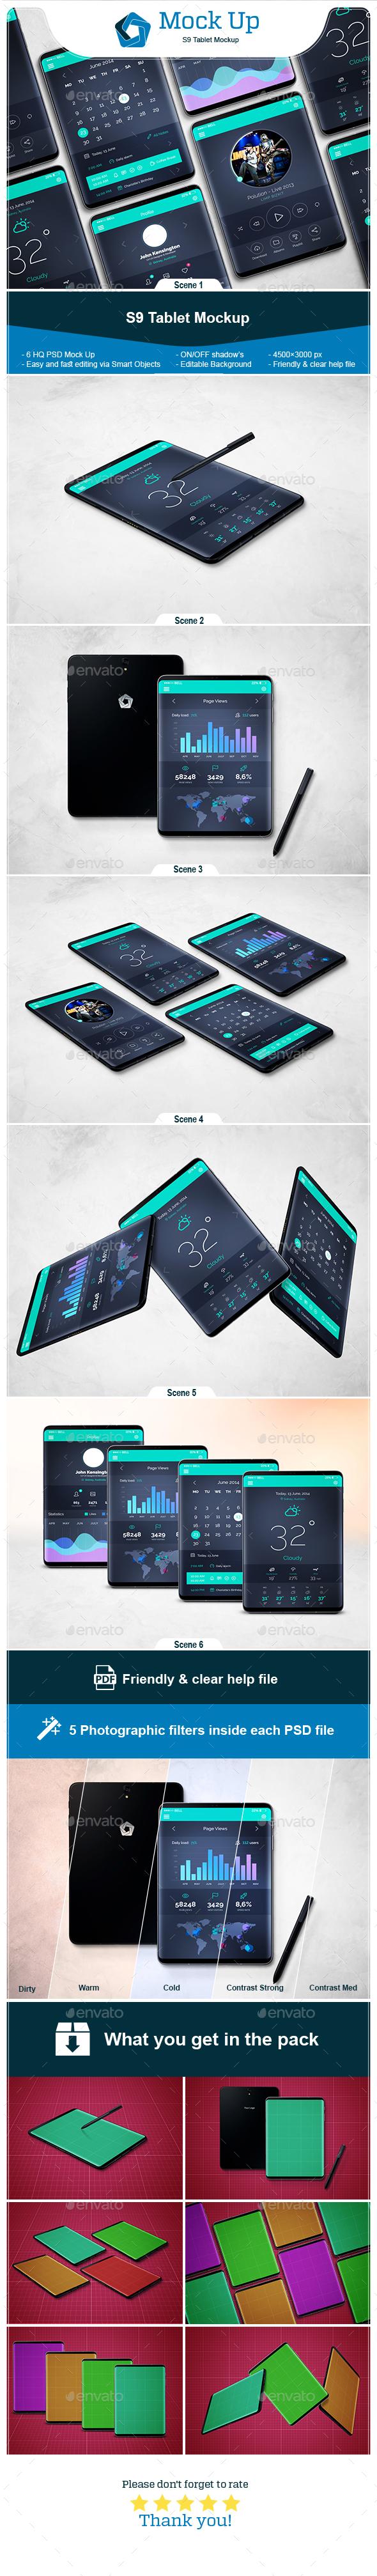 S9 Tablet Mockup - Mobile Displays